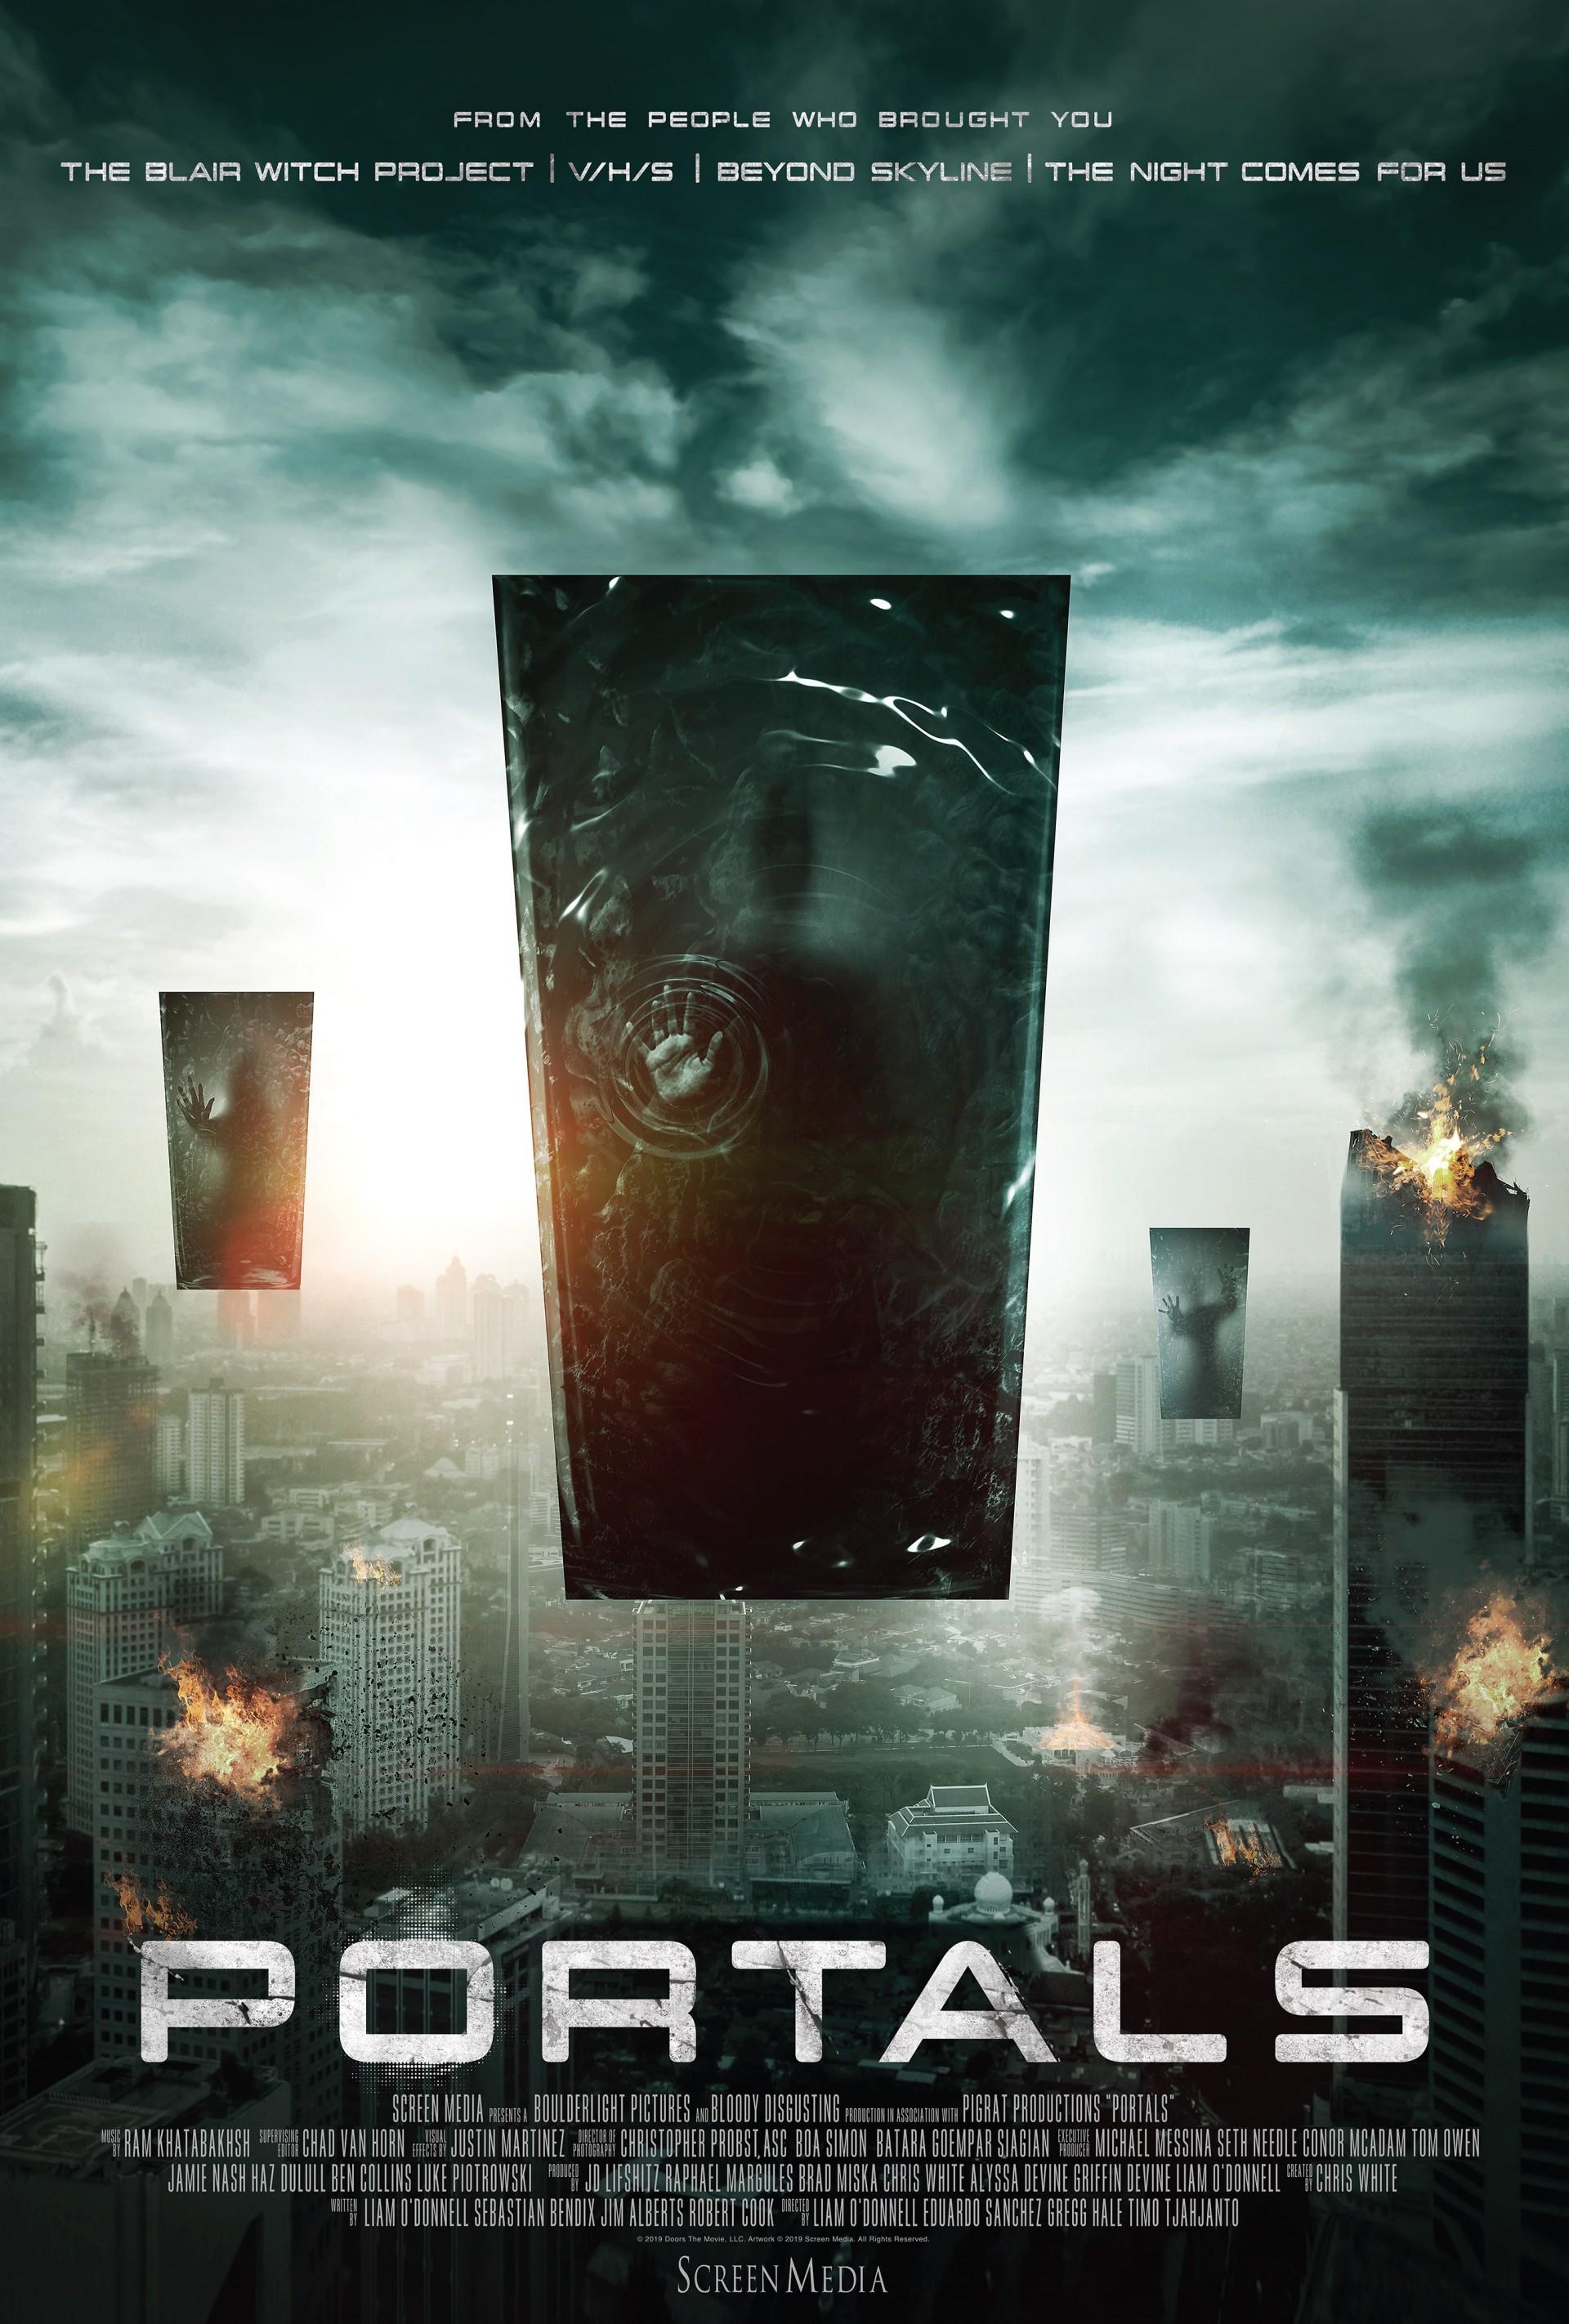 Трейлер фантастического триллера Portals — антологии от создателей «Ведьмы из Блэр» и «Скайлайна 2»